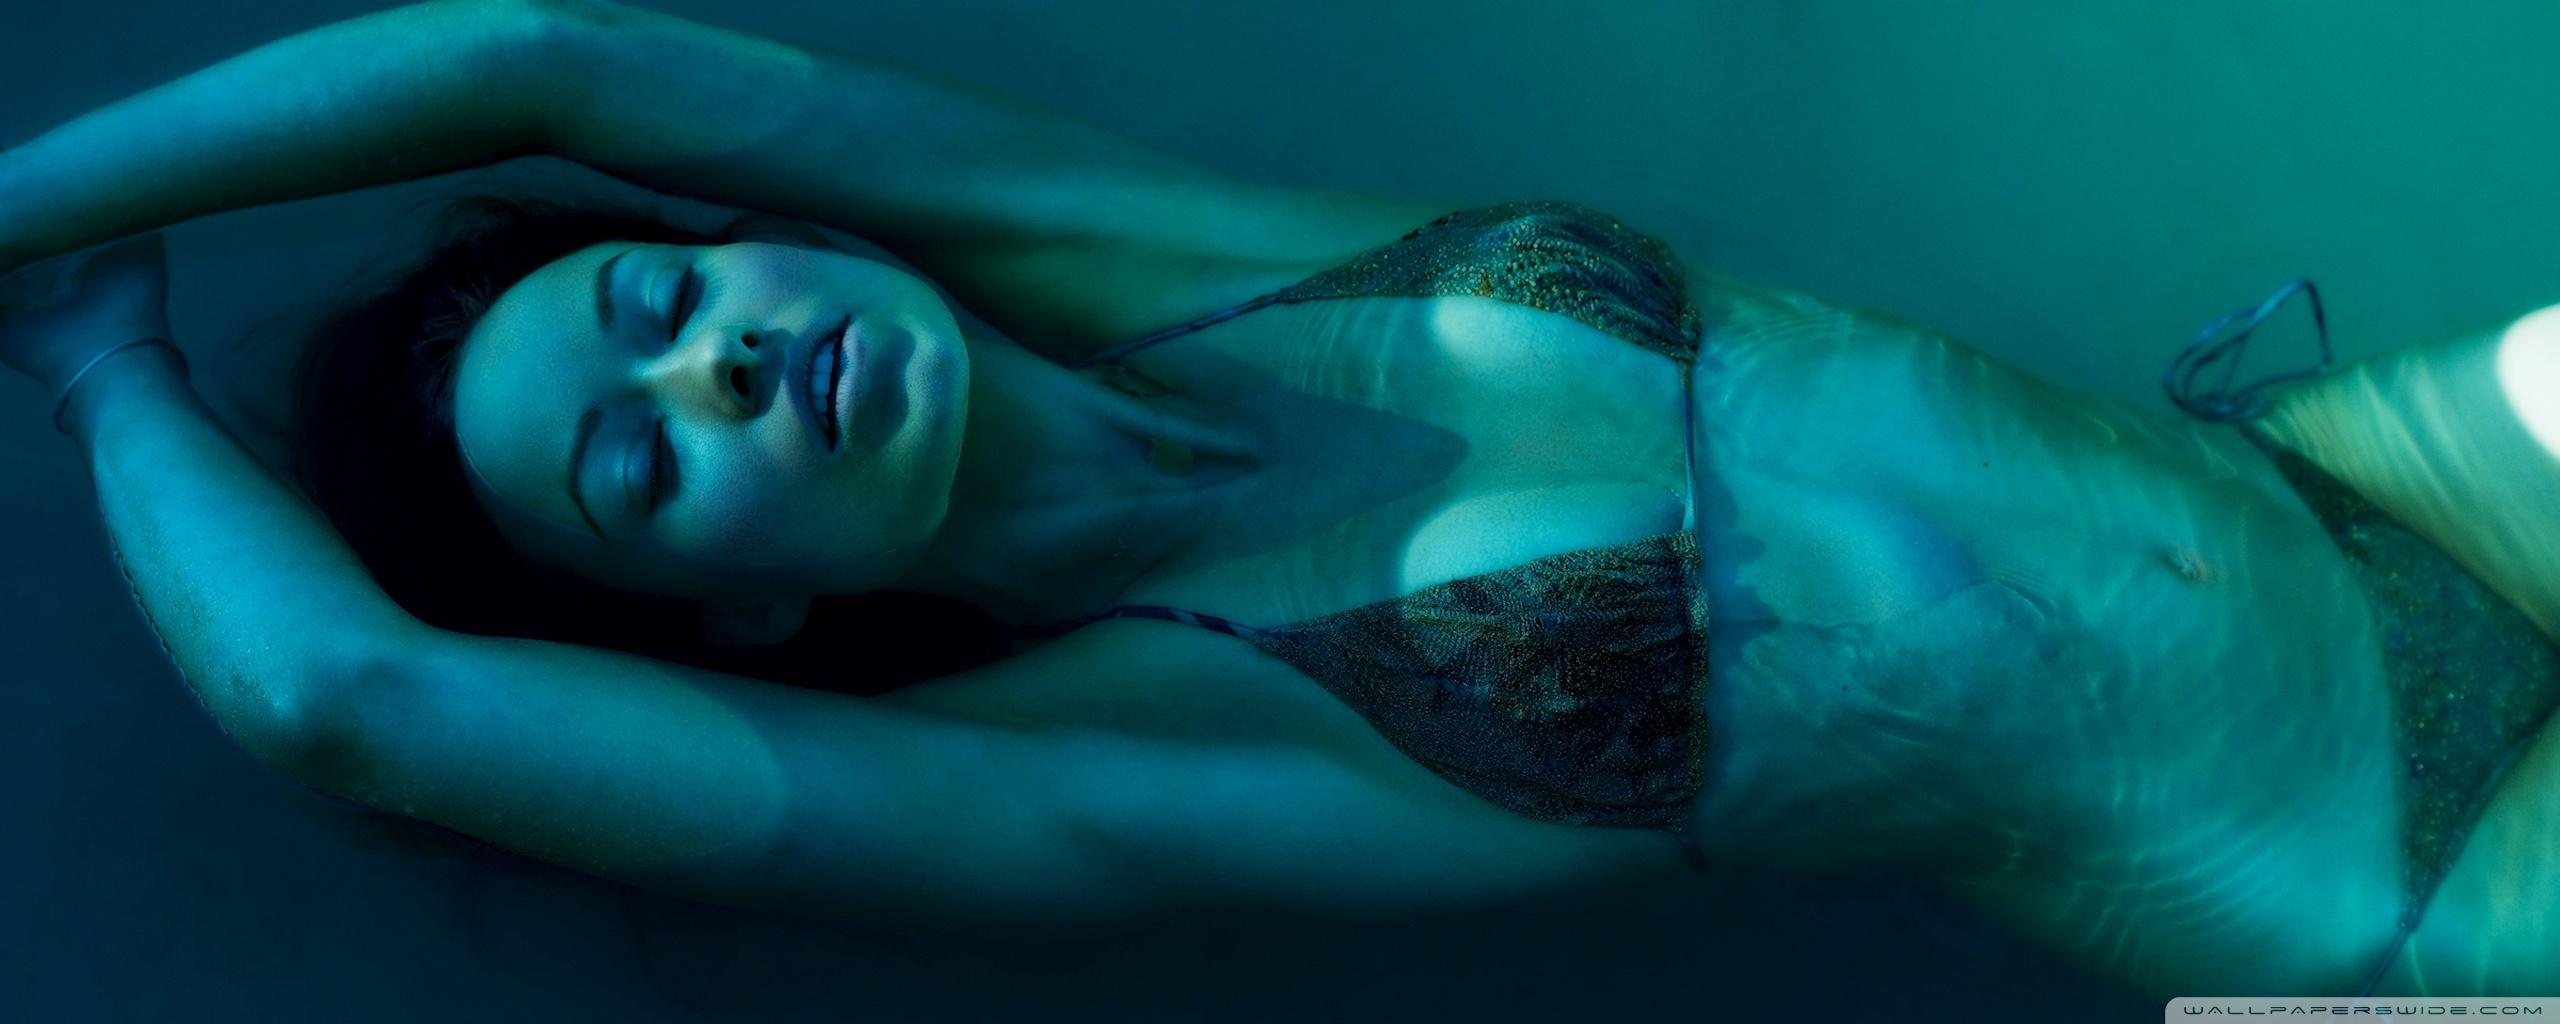 Olivia Wilde Underwater 4K HD Desktop Wallpaper for 4K Ultra HD 2560x1024